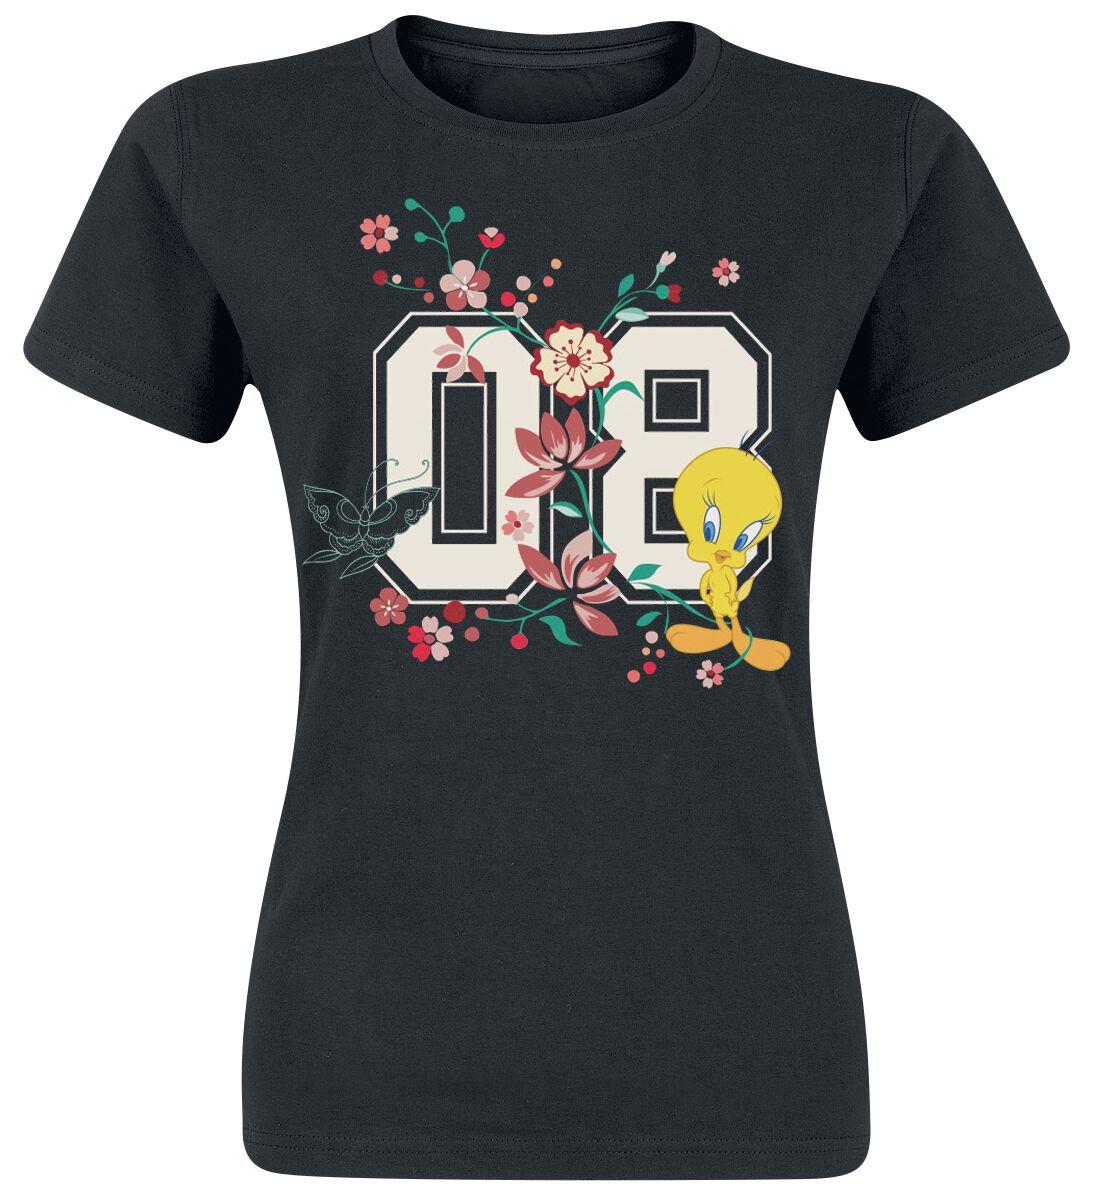 Looney Tunes Tweety - 08 Koszulka damska czarny